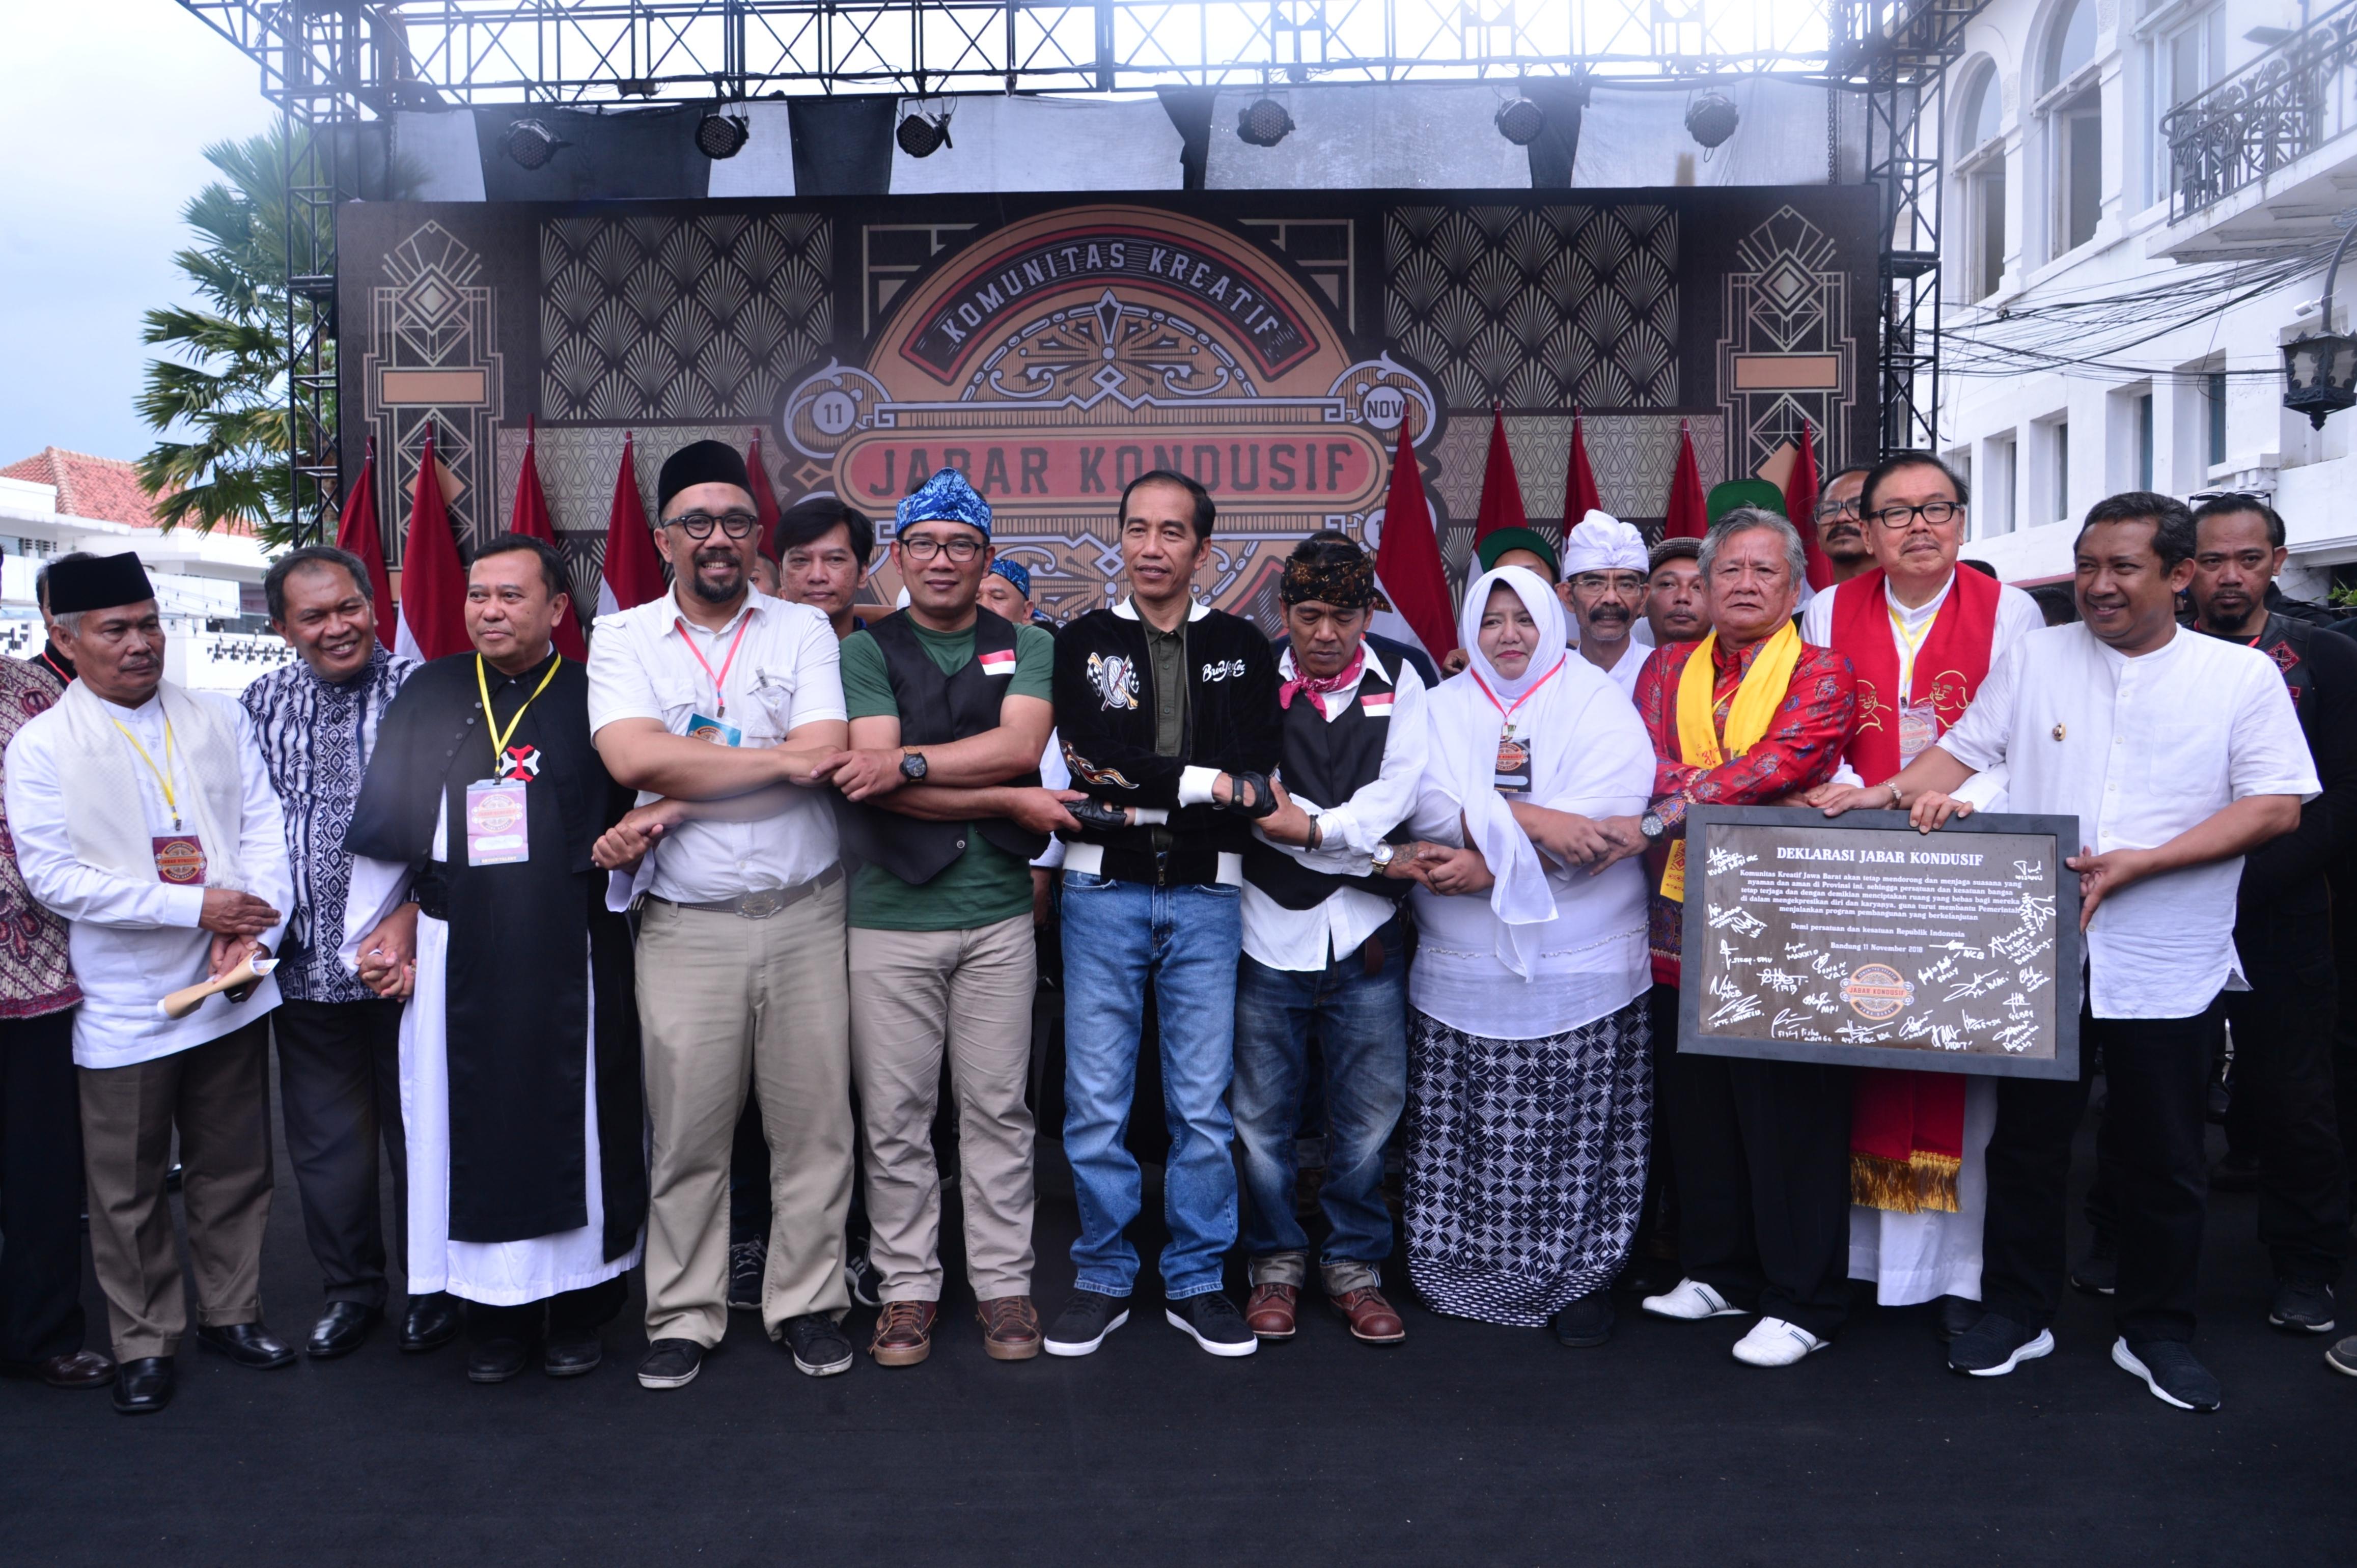 Kendarai Motor, Presiden Hadiri Deklarasi Jabar Kondusif di Bandung